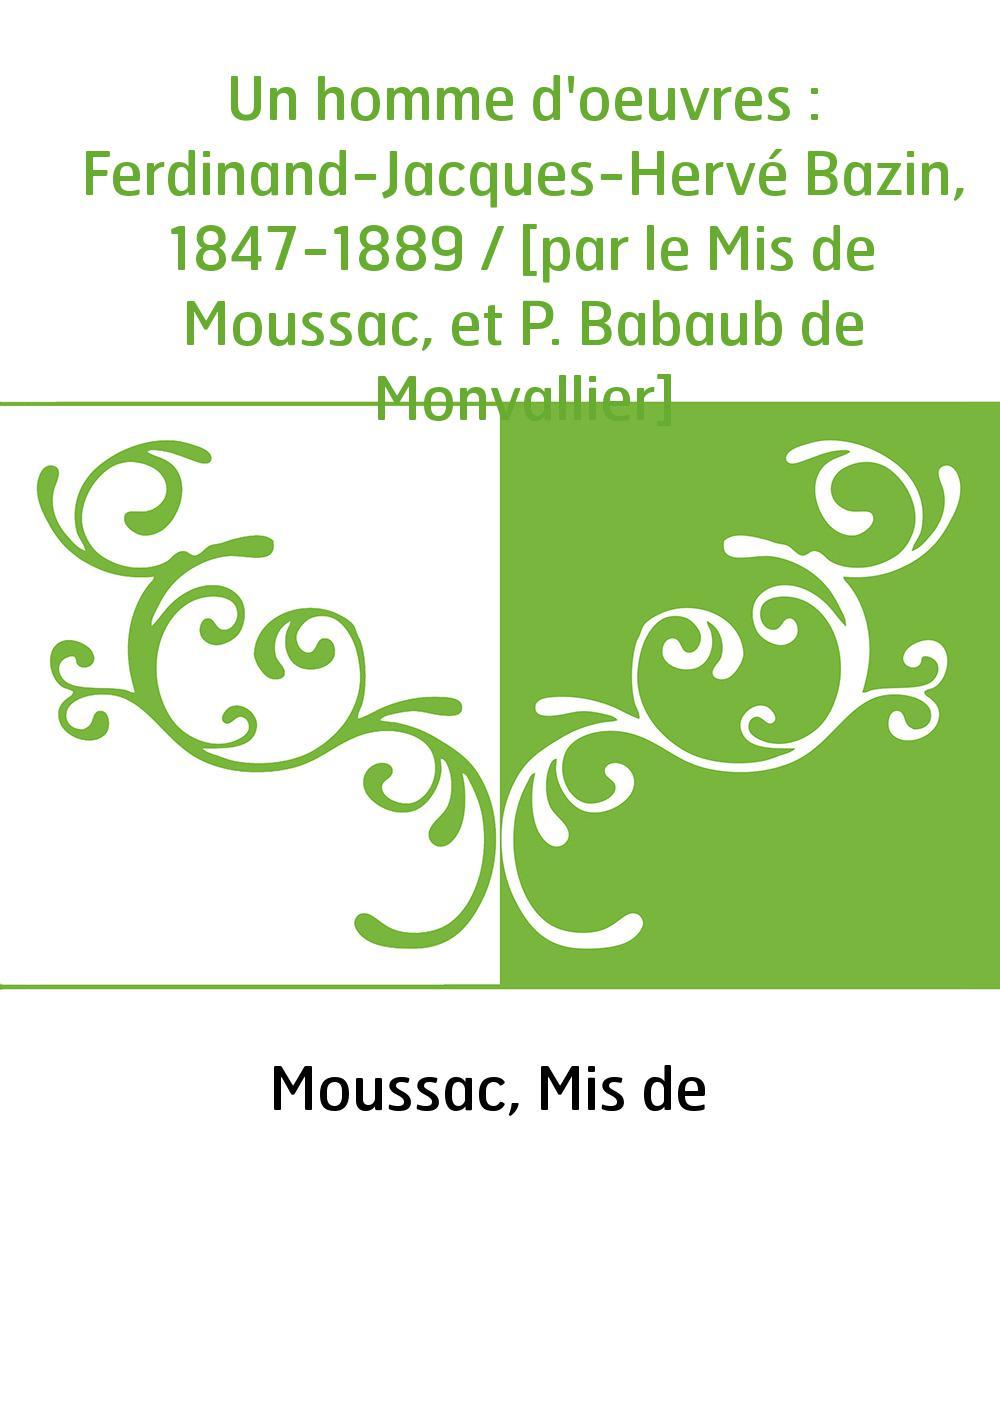 Un homme d'oeuvres : Ferdinand-Jacques-Hervé Bazin, 1847-1889 / [par le Mis de Moussac, et P. Babaub de Monvallier]